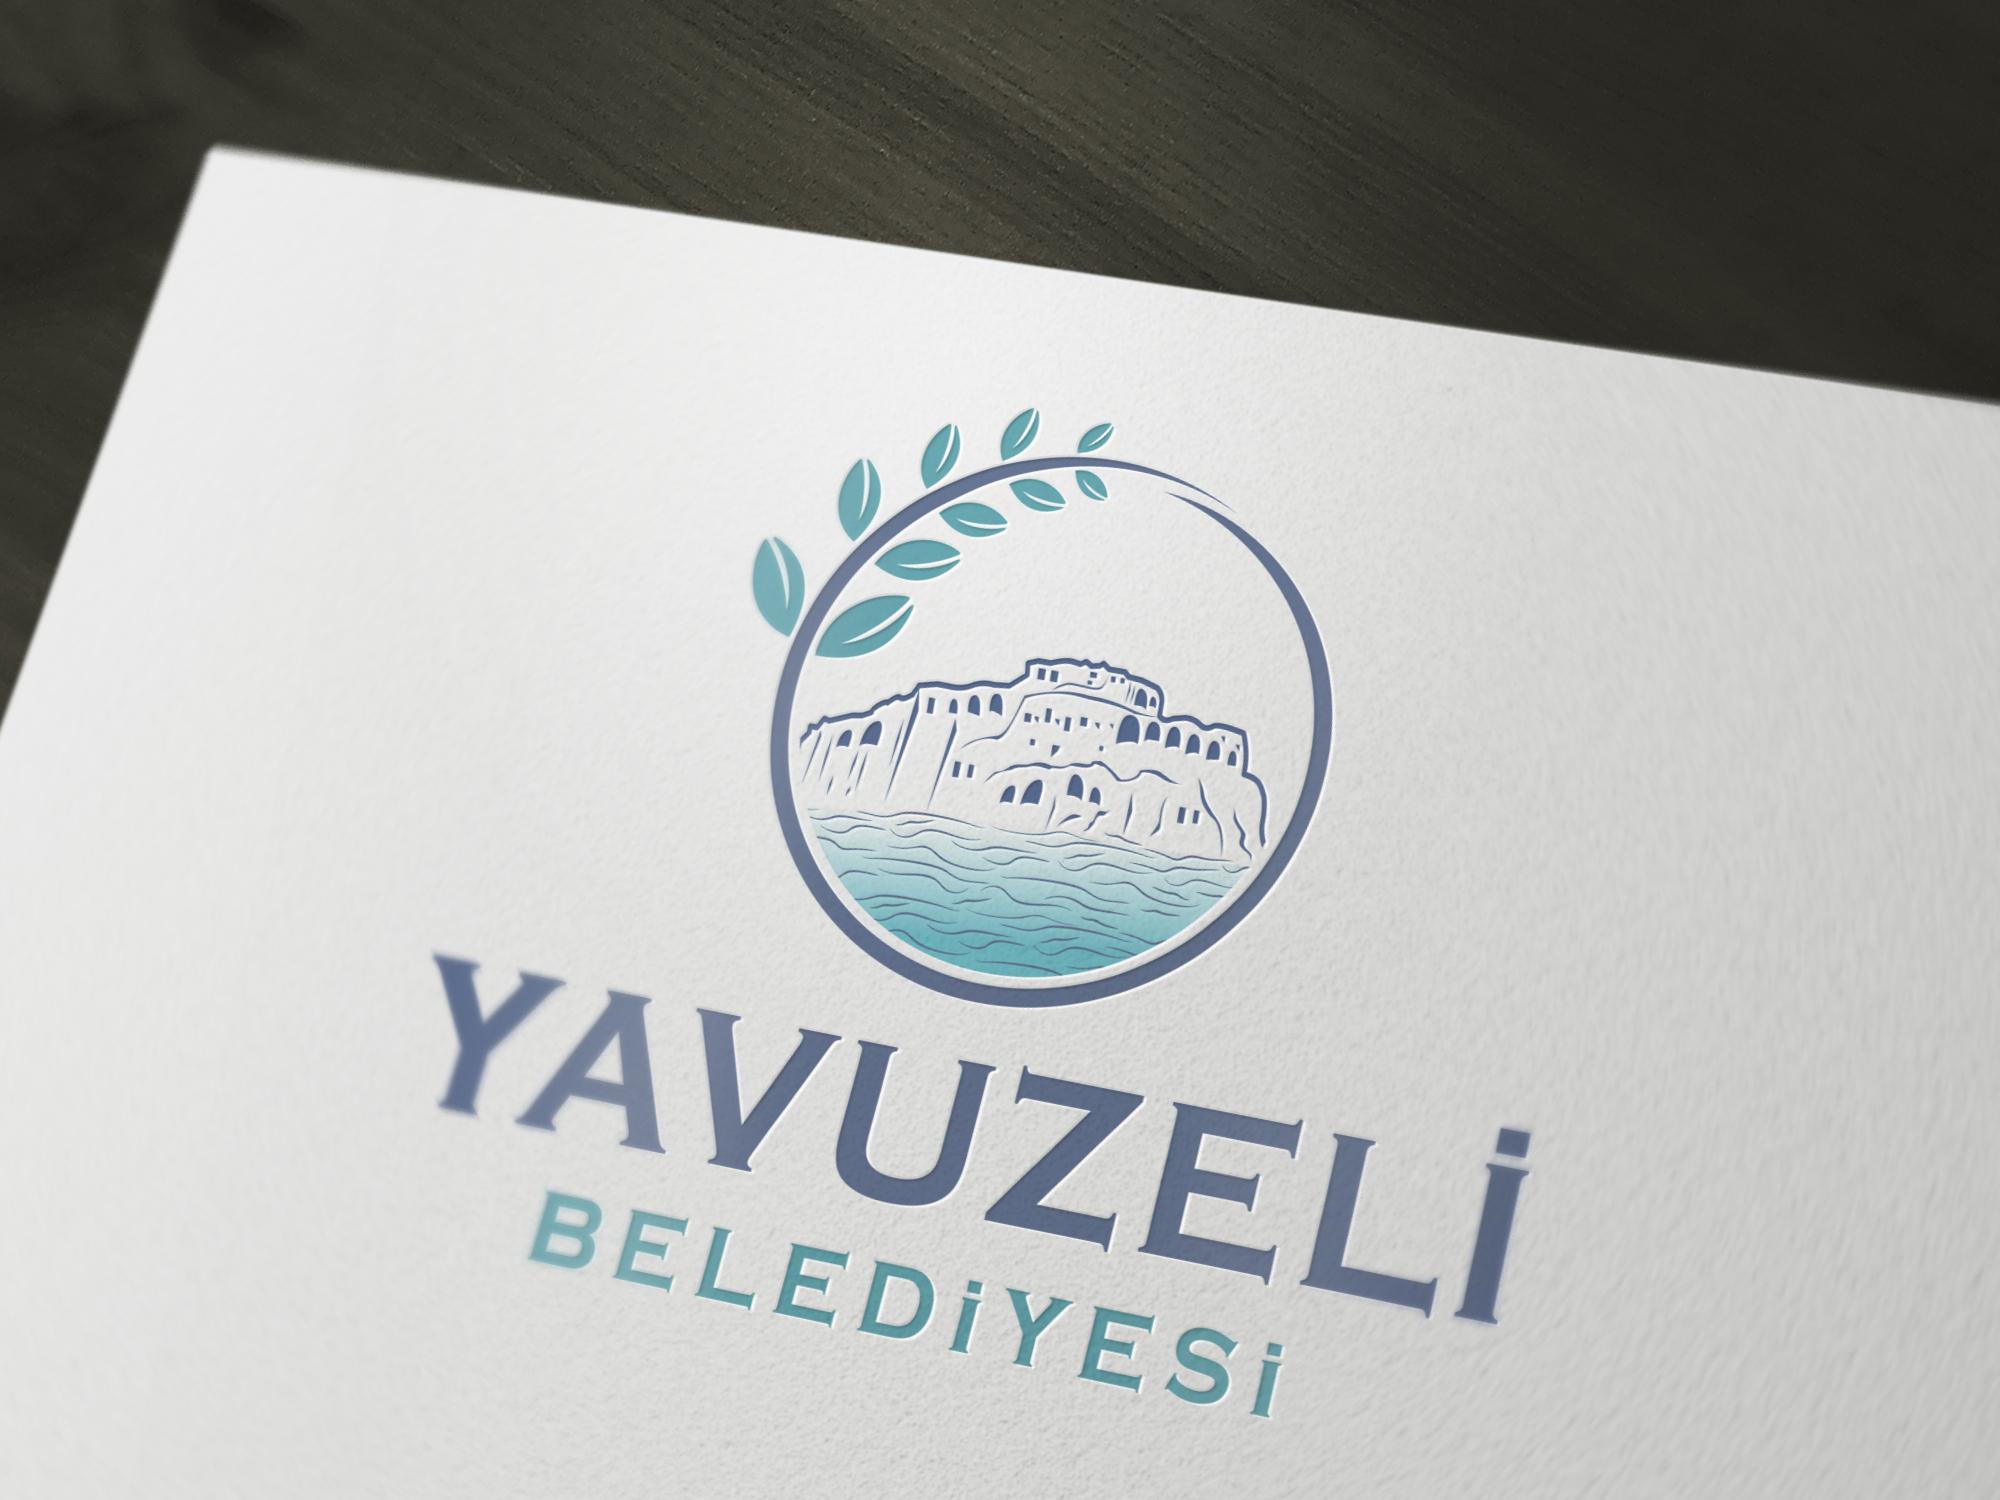 Yavuzeli Belediyesi Logo Tasarımı